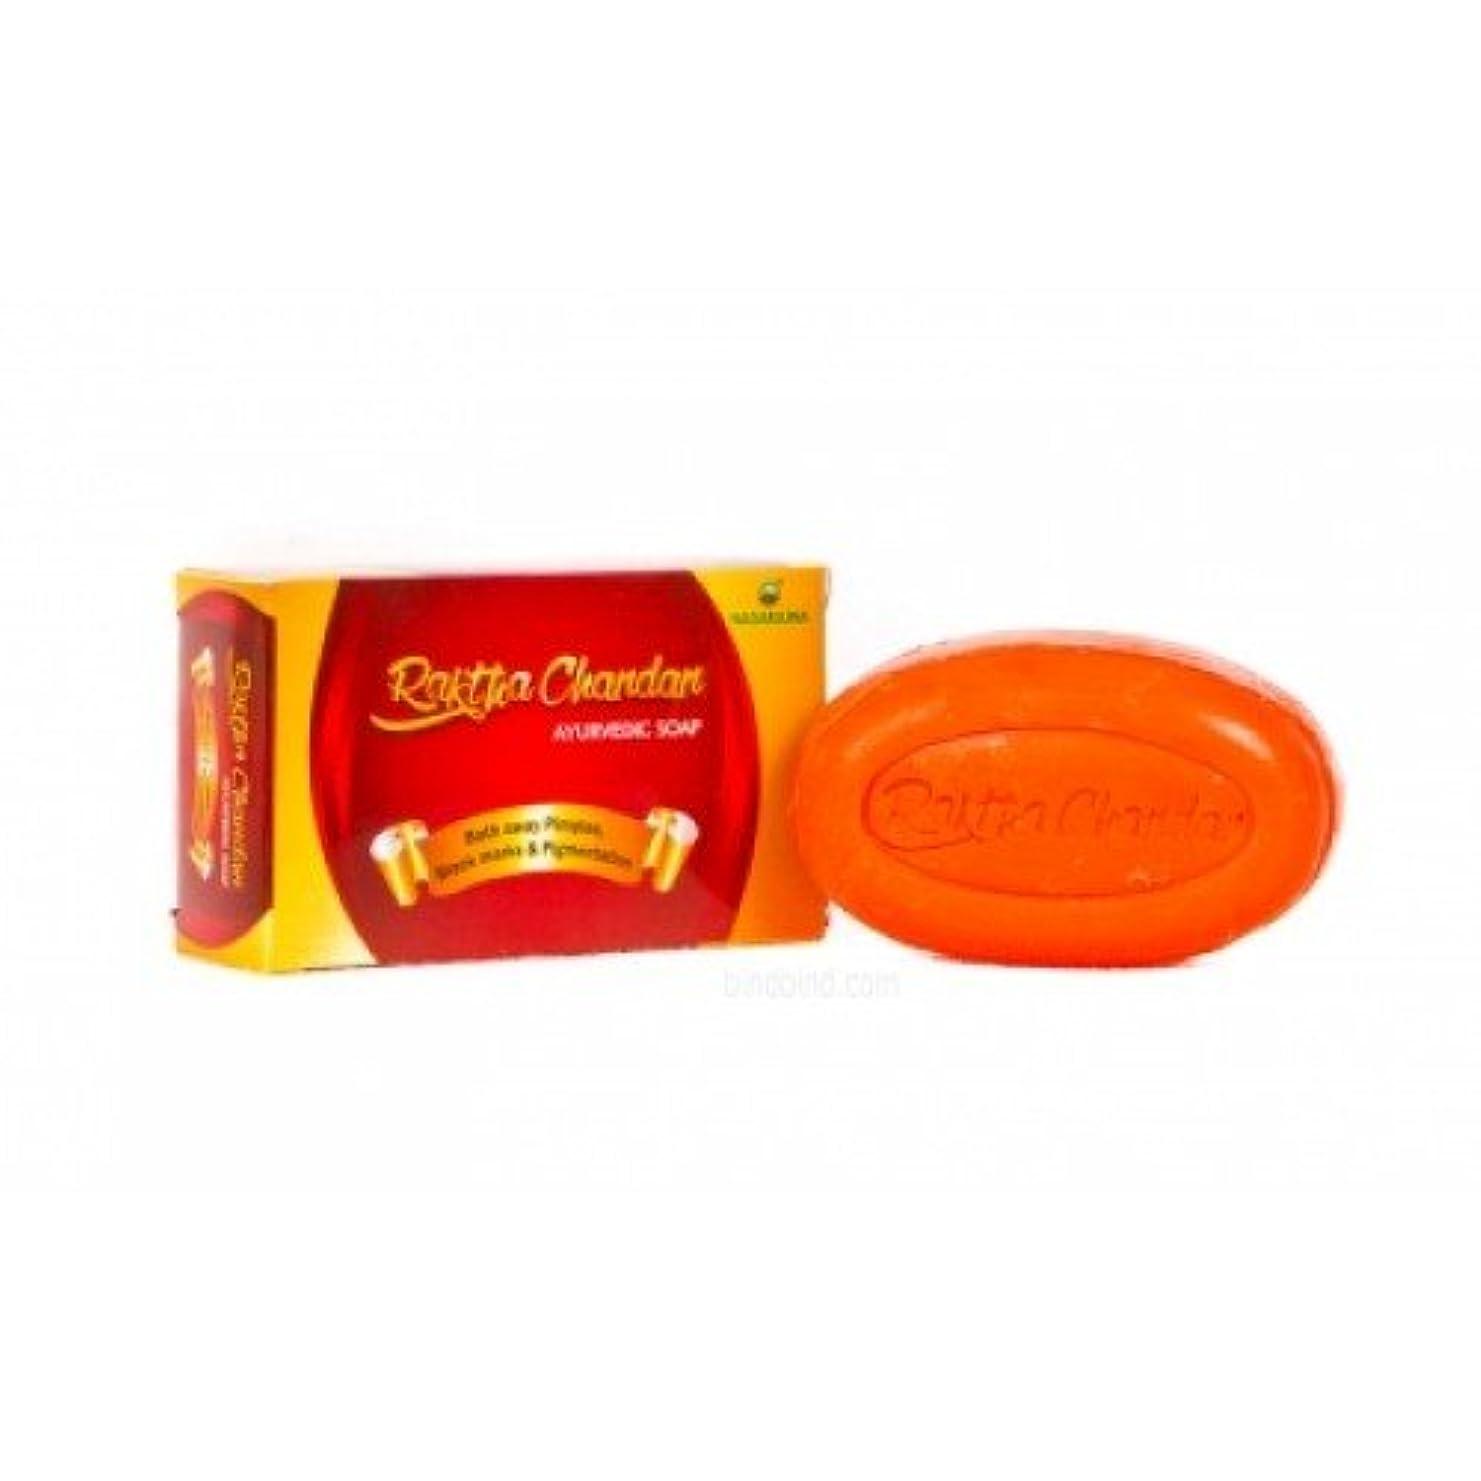 業界ブランチ信仰Nagarjuna Raktha Chandan Ayurvedic Soap Best For Glowing Skin